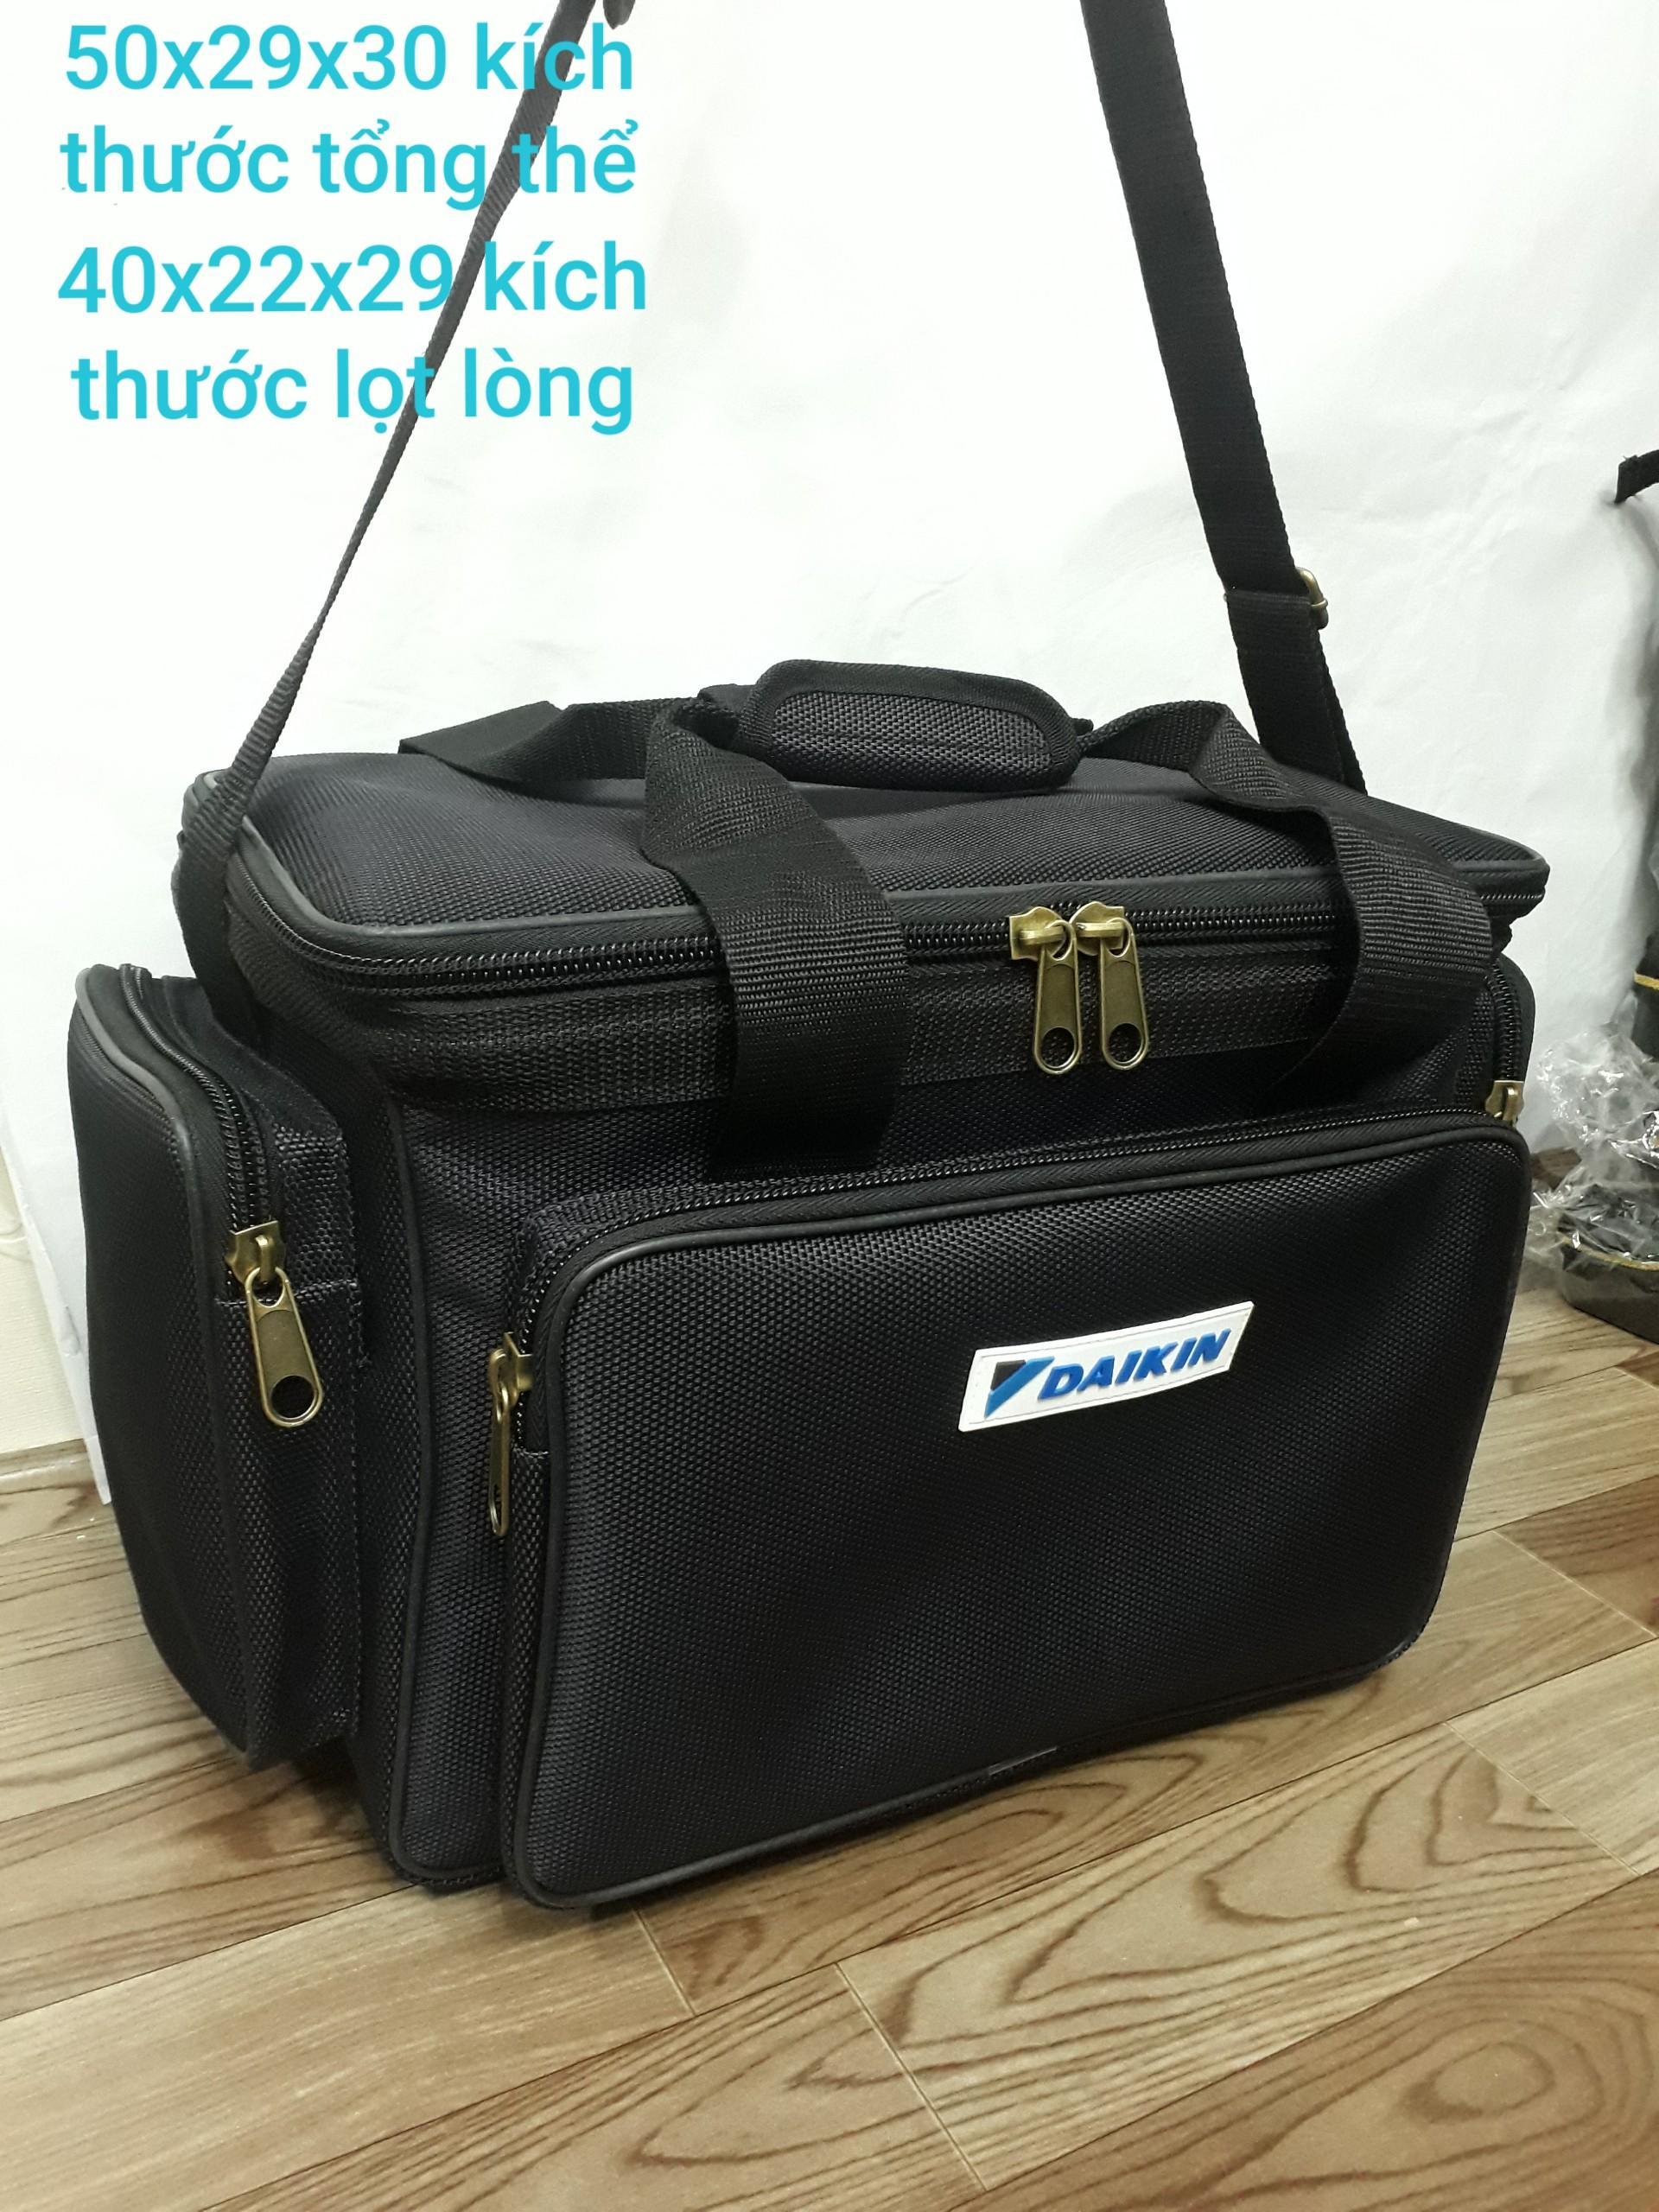 Túi đựng dụng cụ đồ nghề Daikin Size 20inch cao cấp